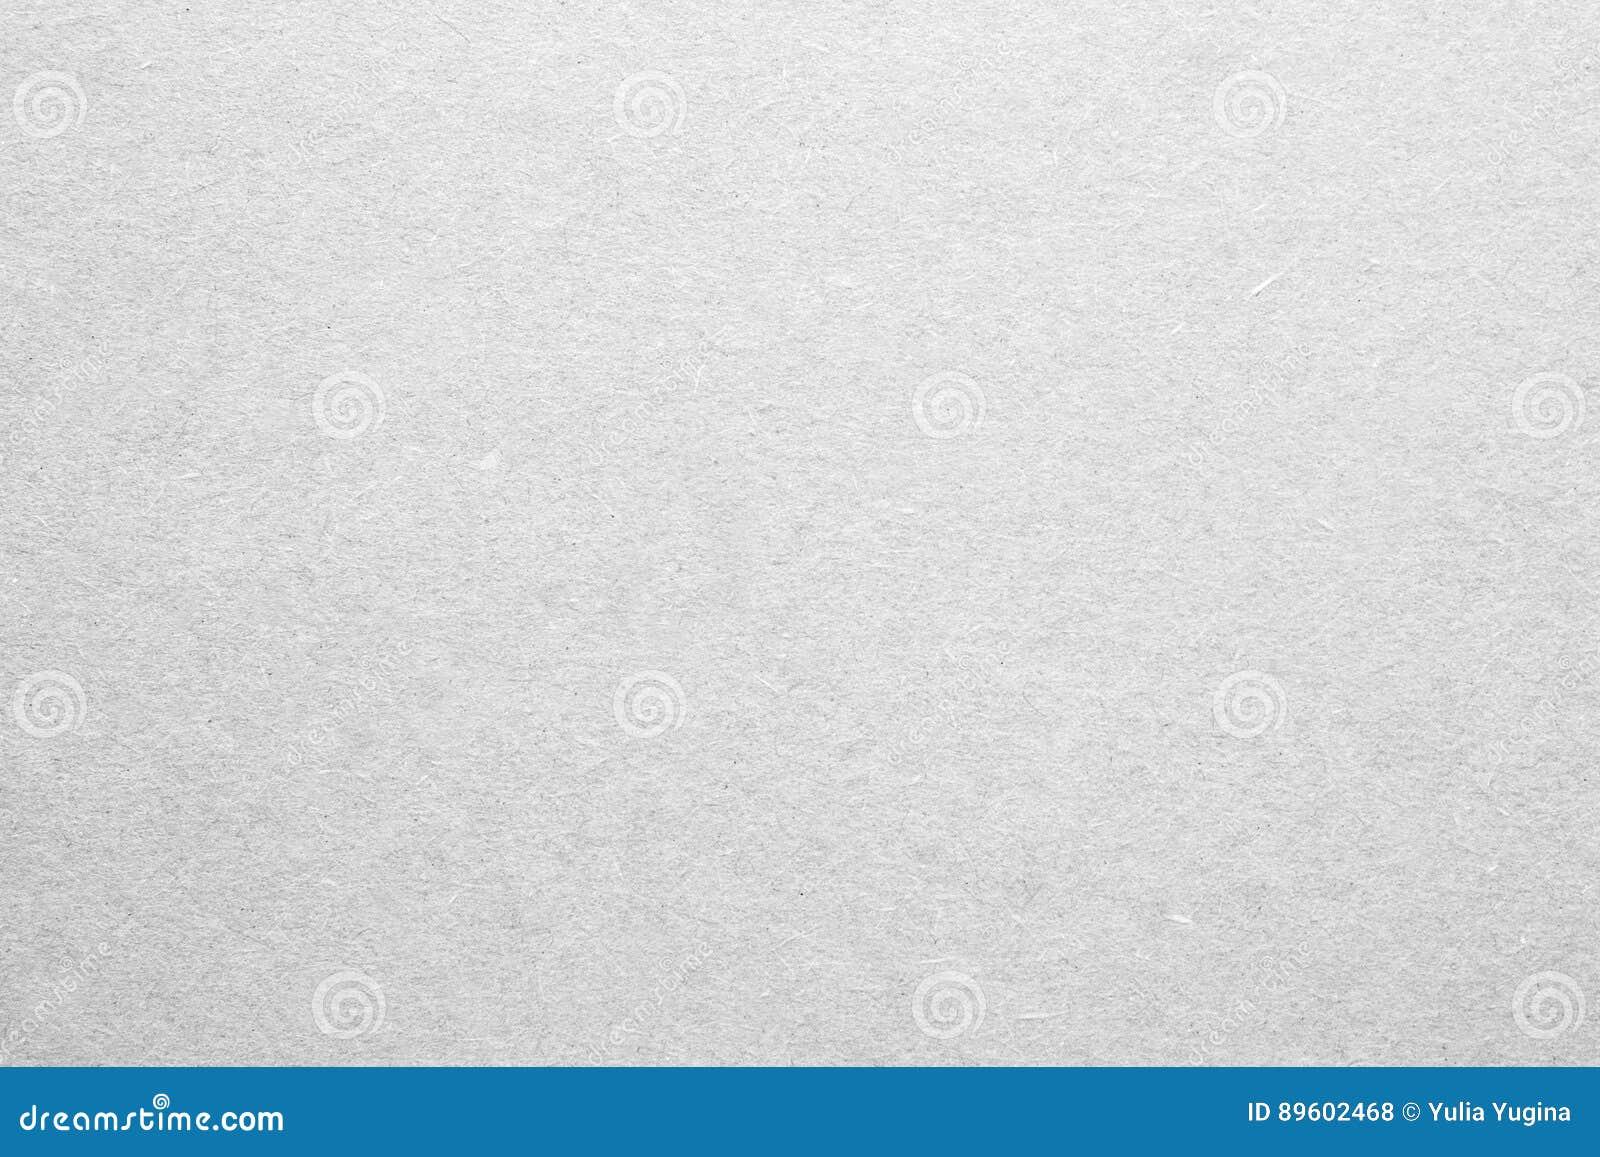 Чистый лист бумаги или переклейки в белом цвете